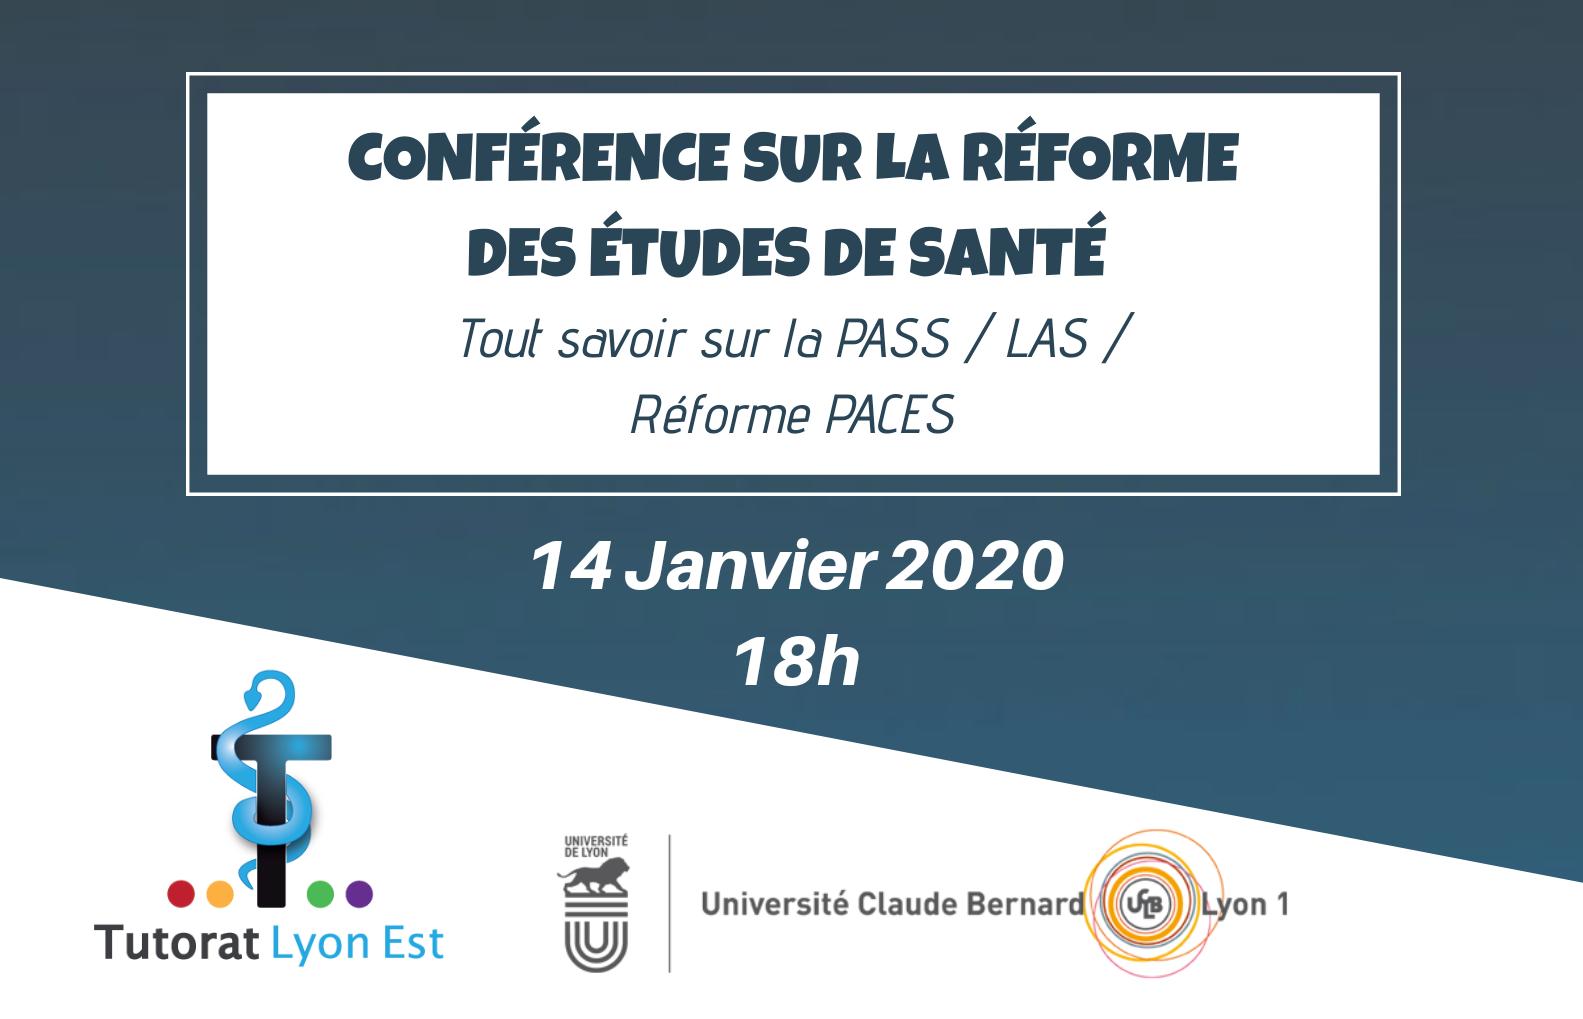 Conférence d'information sur la réforme des études de santé